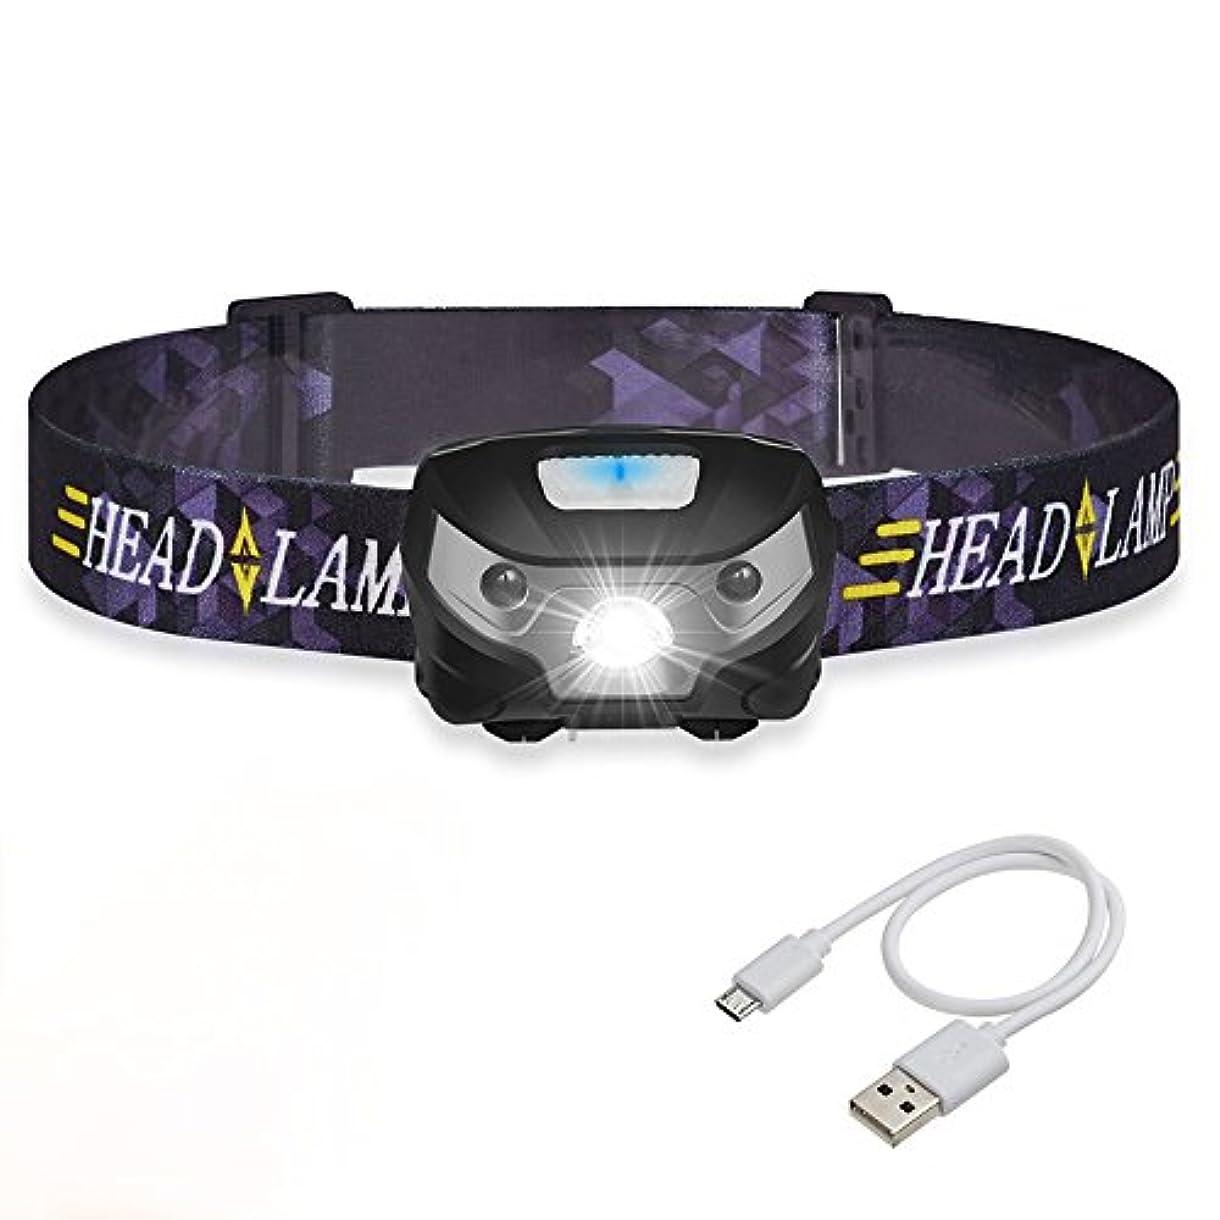 短命私たちのもの贈り物XIAOBUDIAN 3000LMミニ充電式LEDヘッドランプボディモーションセンサーLED自転車ヘッドライトランプ屋外キャンプの懐中電灯USB